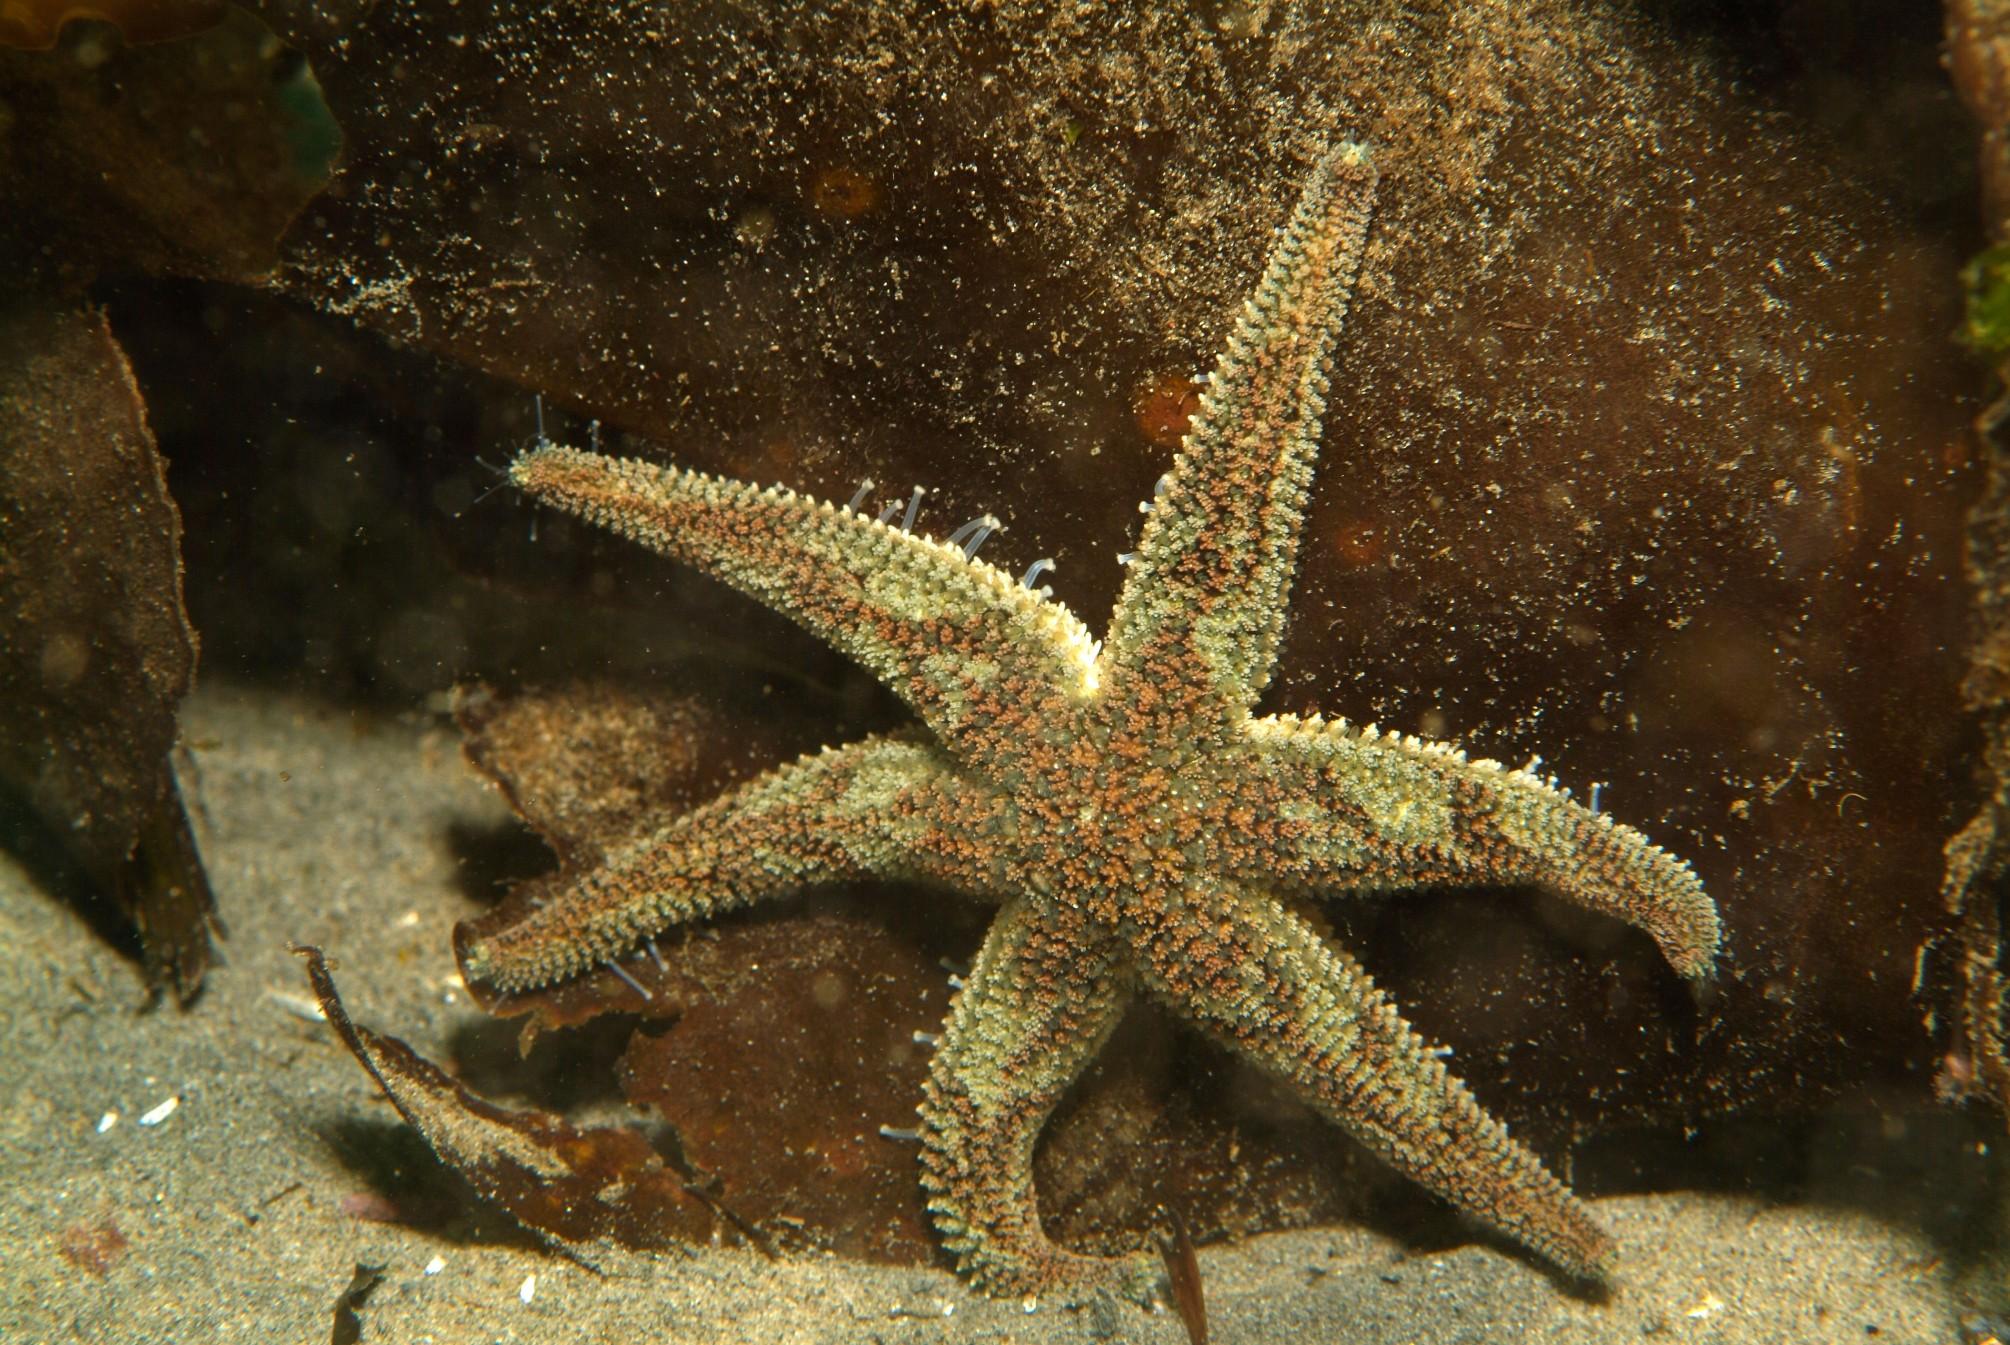 Leptasterias sea stars